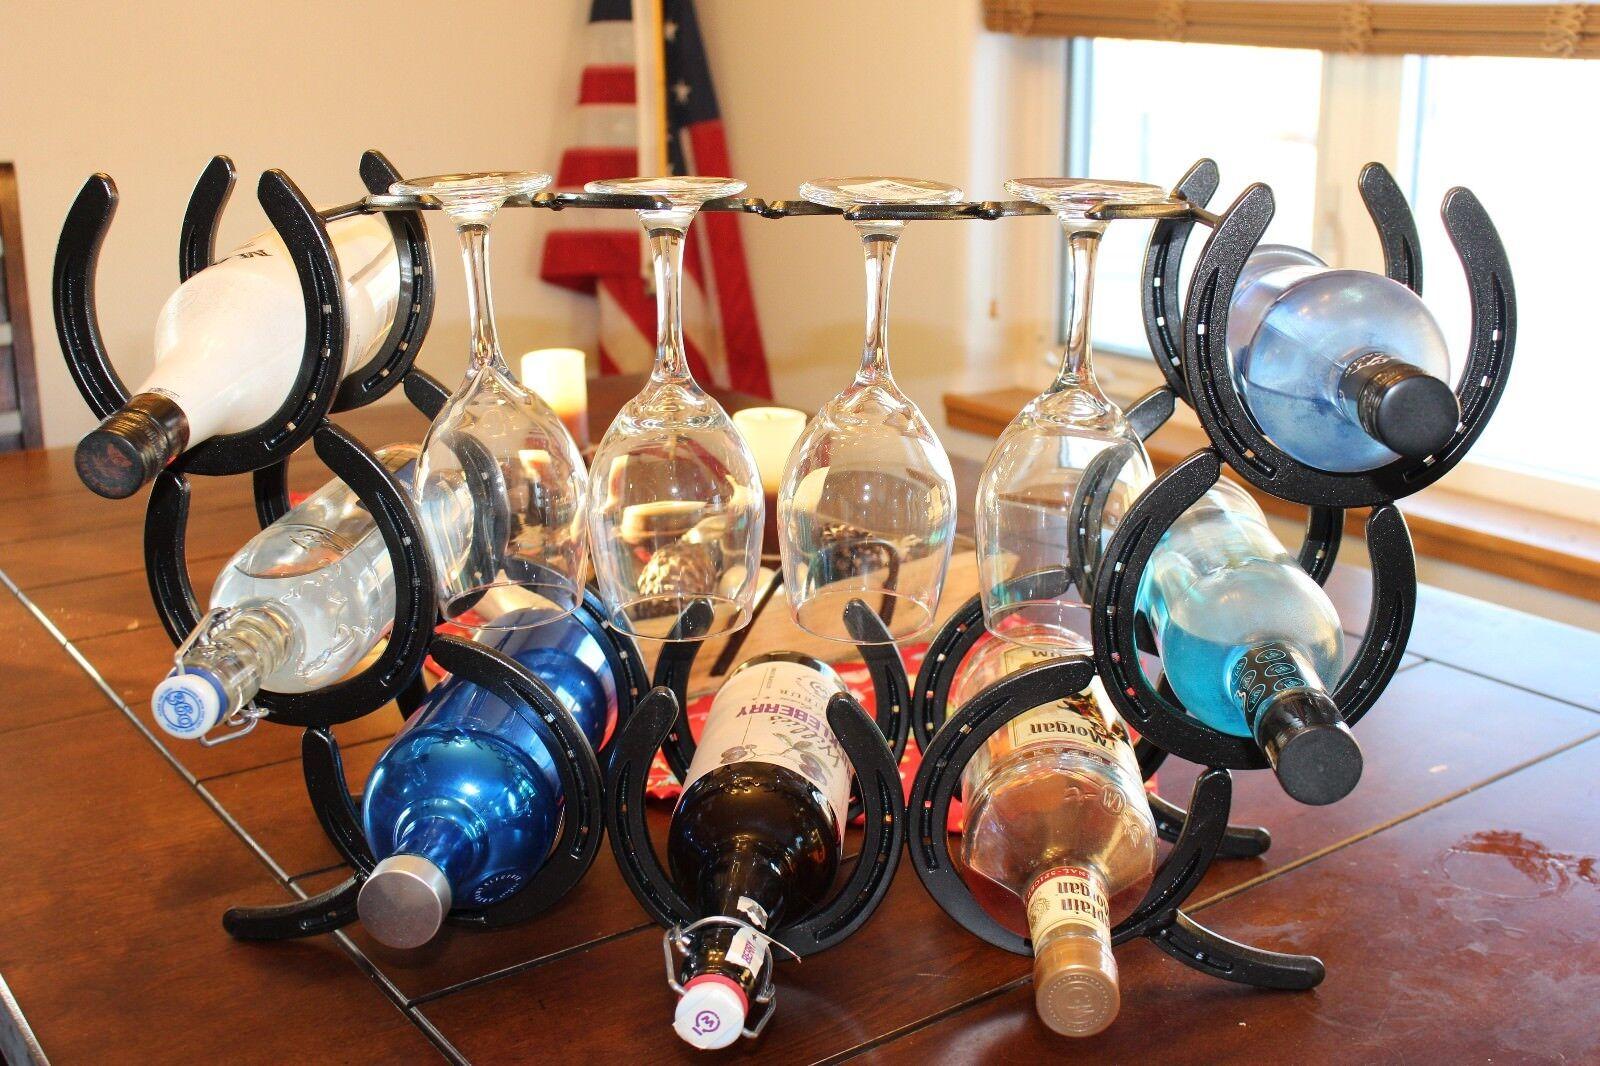 Horsechaussures vin étagère à 7 bouteilles et quatre verres